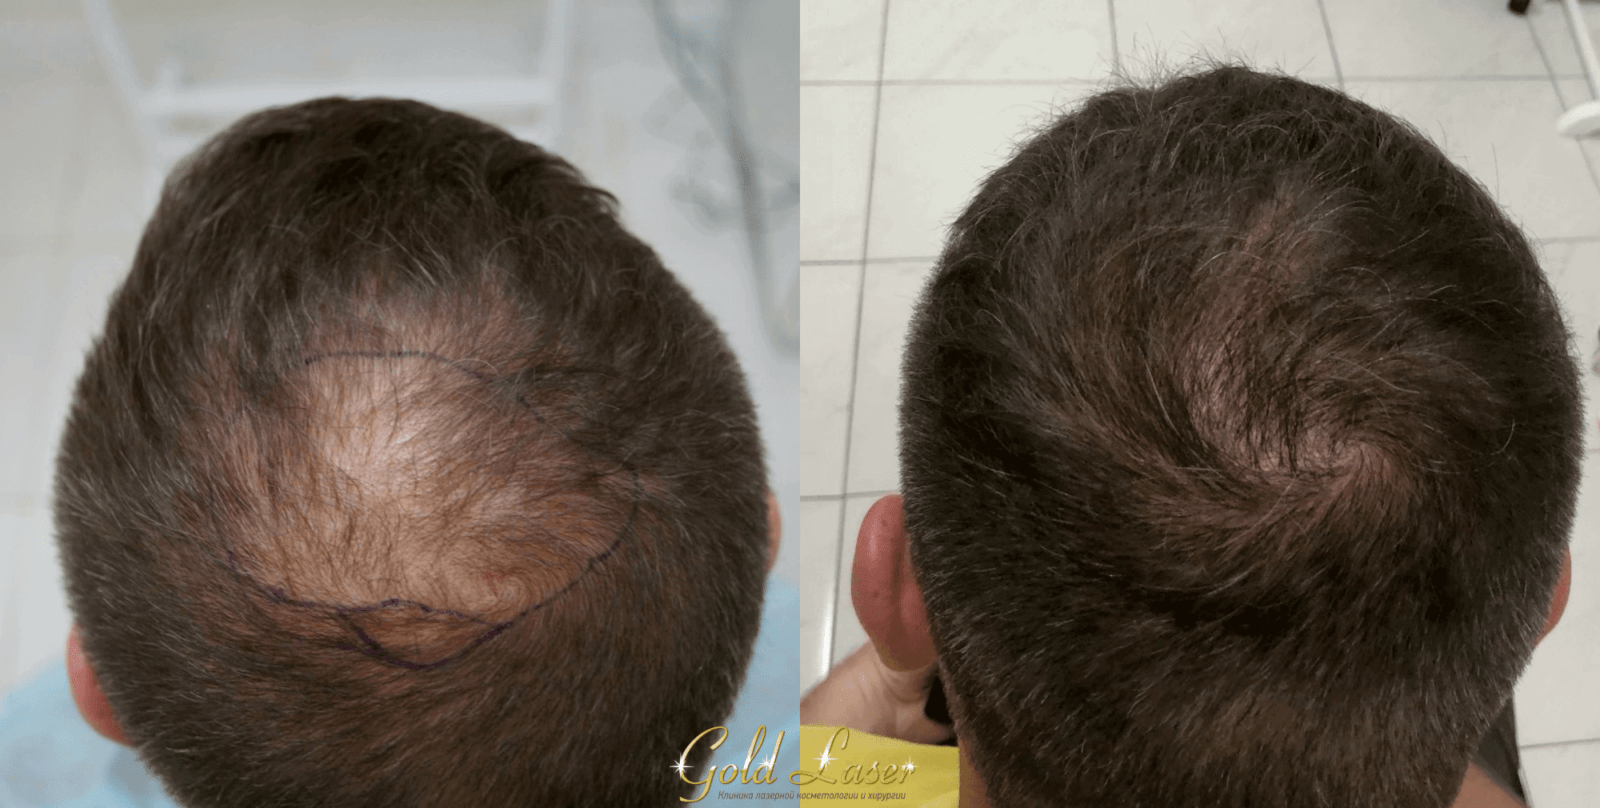 Пересадка волос методами FUE и HFE киев 2